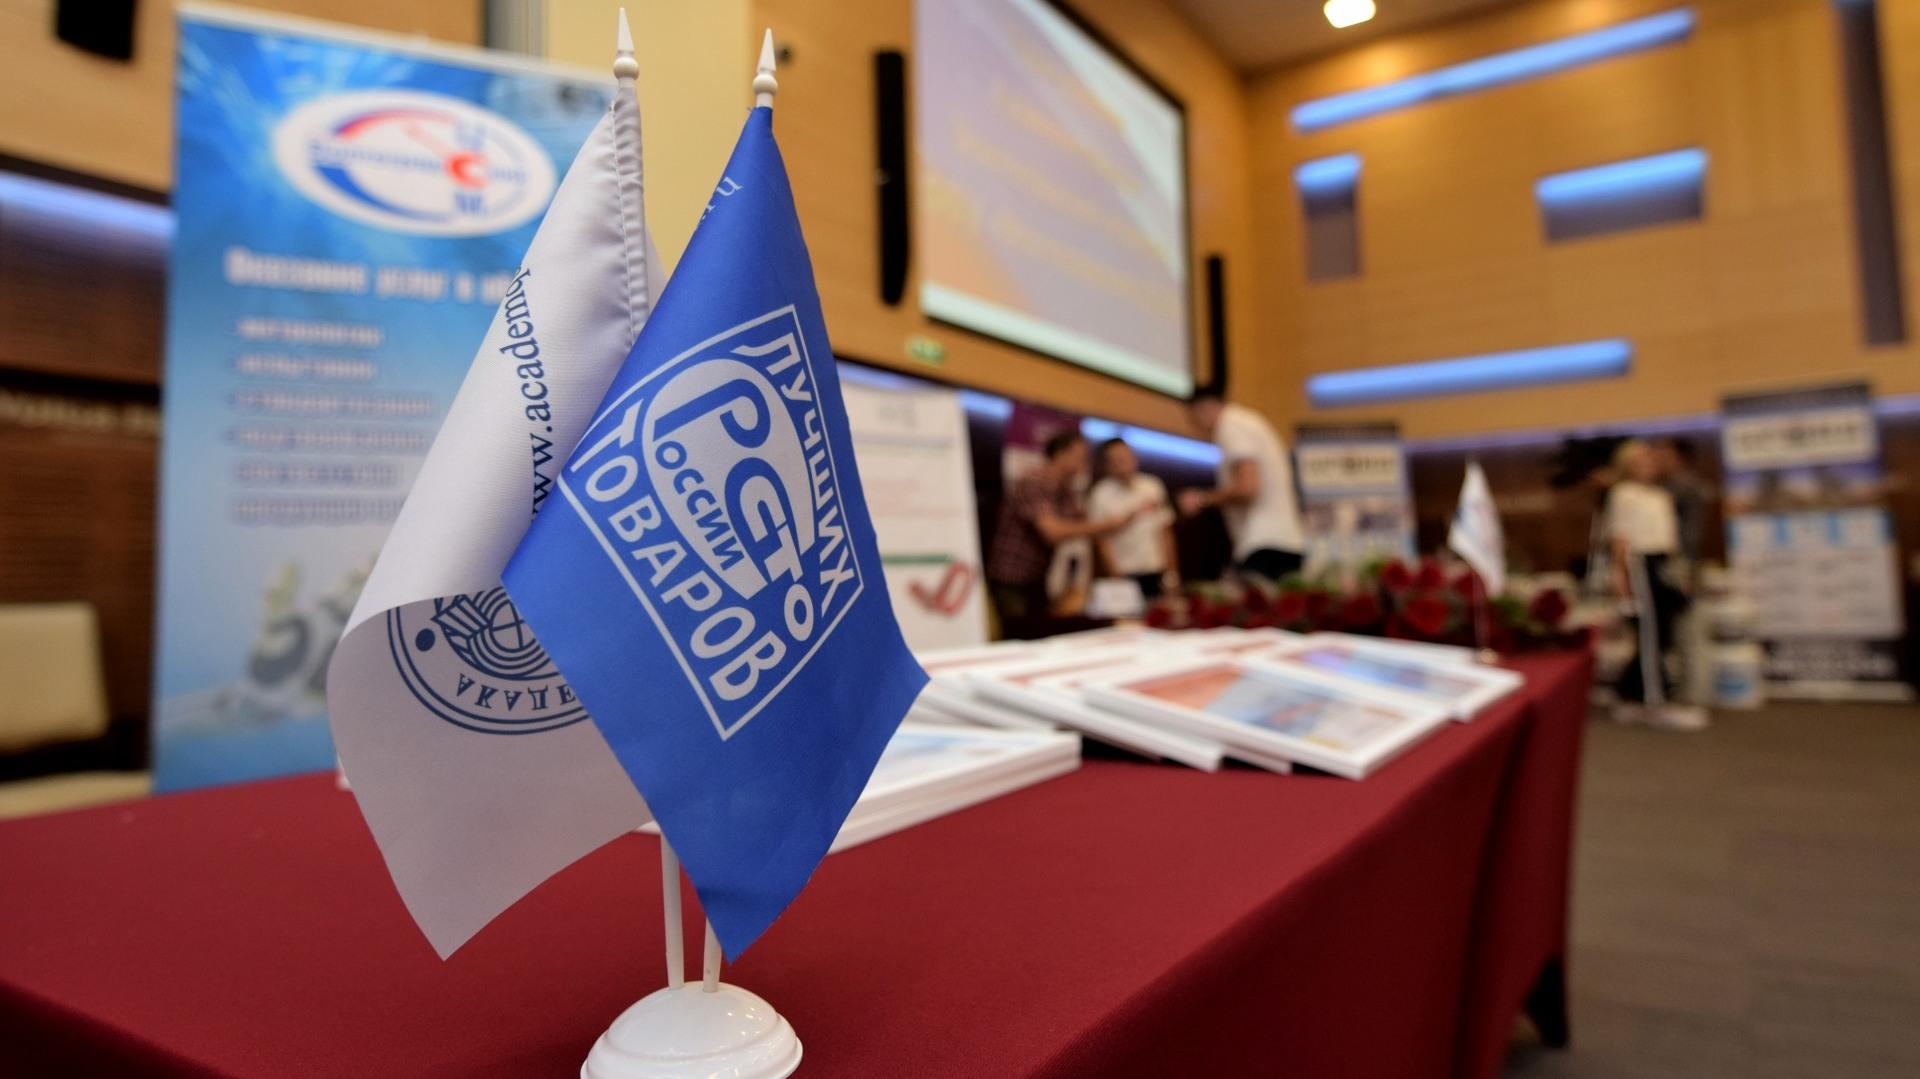 Предприятия Адыгеи стали лауреатами конкурса «100 лучших товаров России»